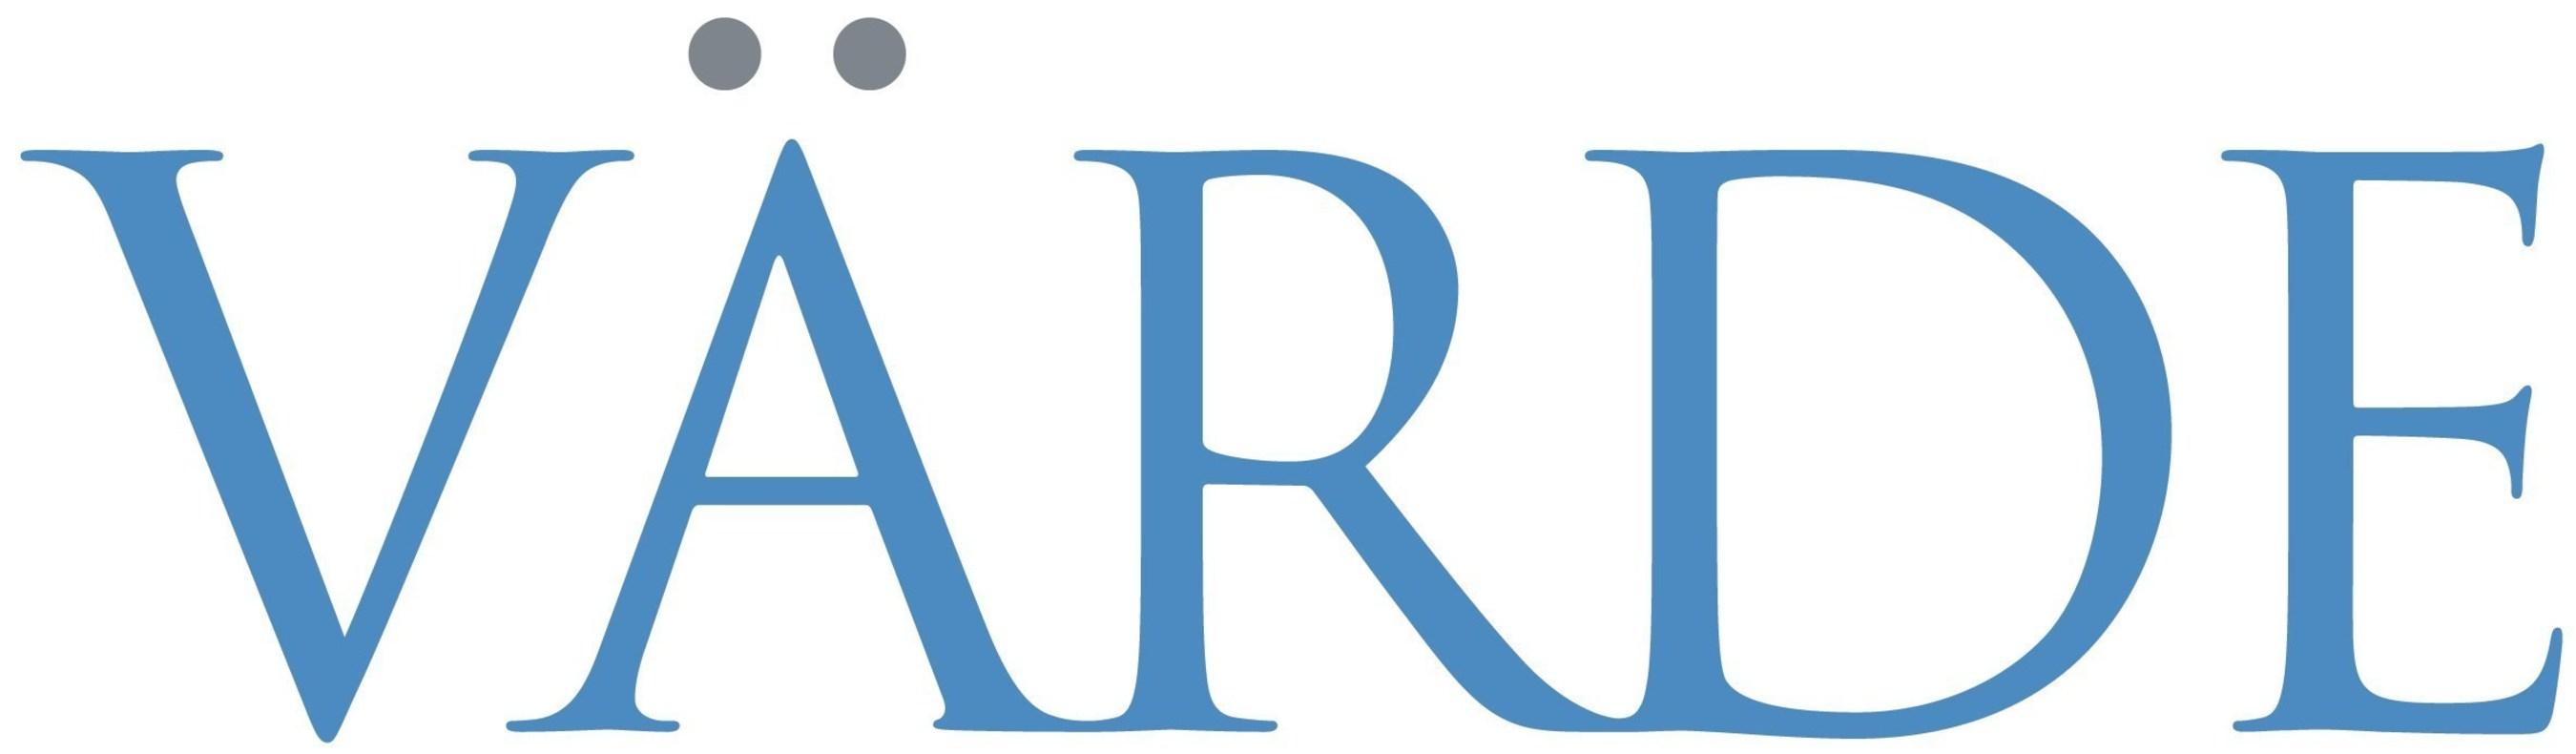 Värde logo